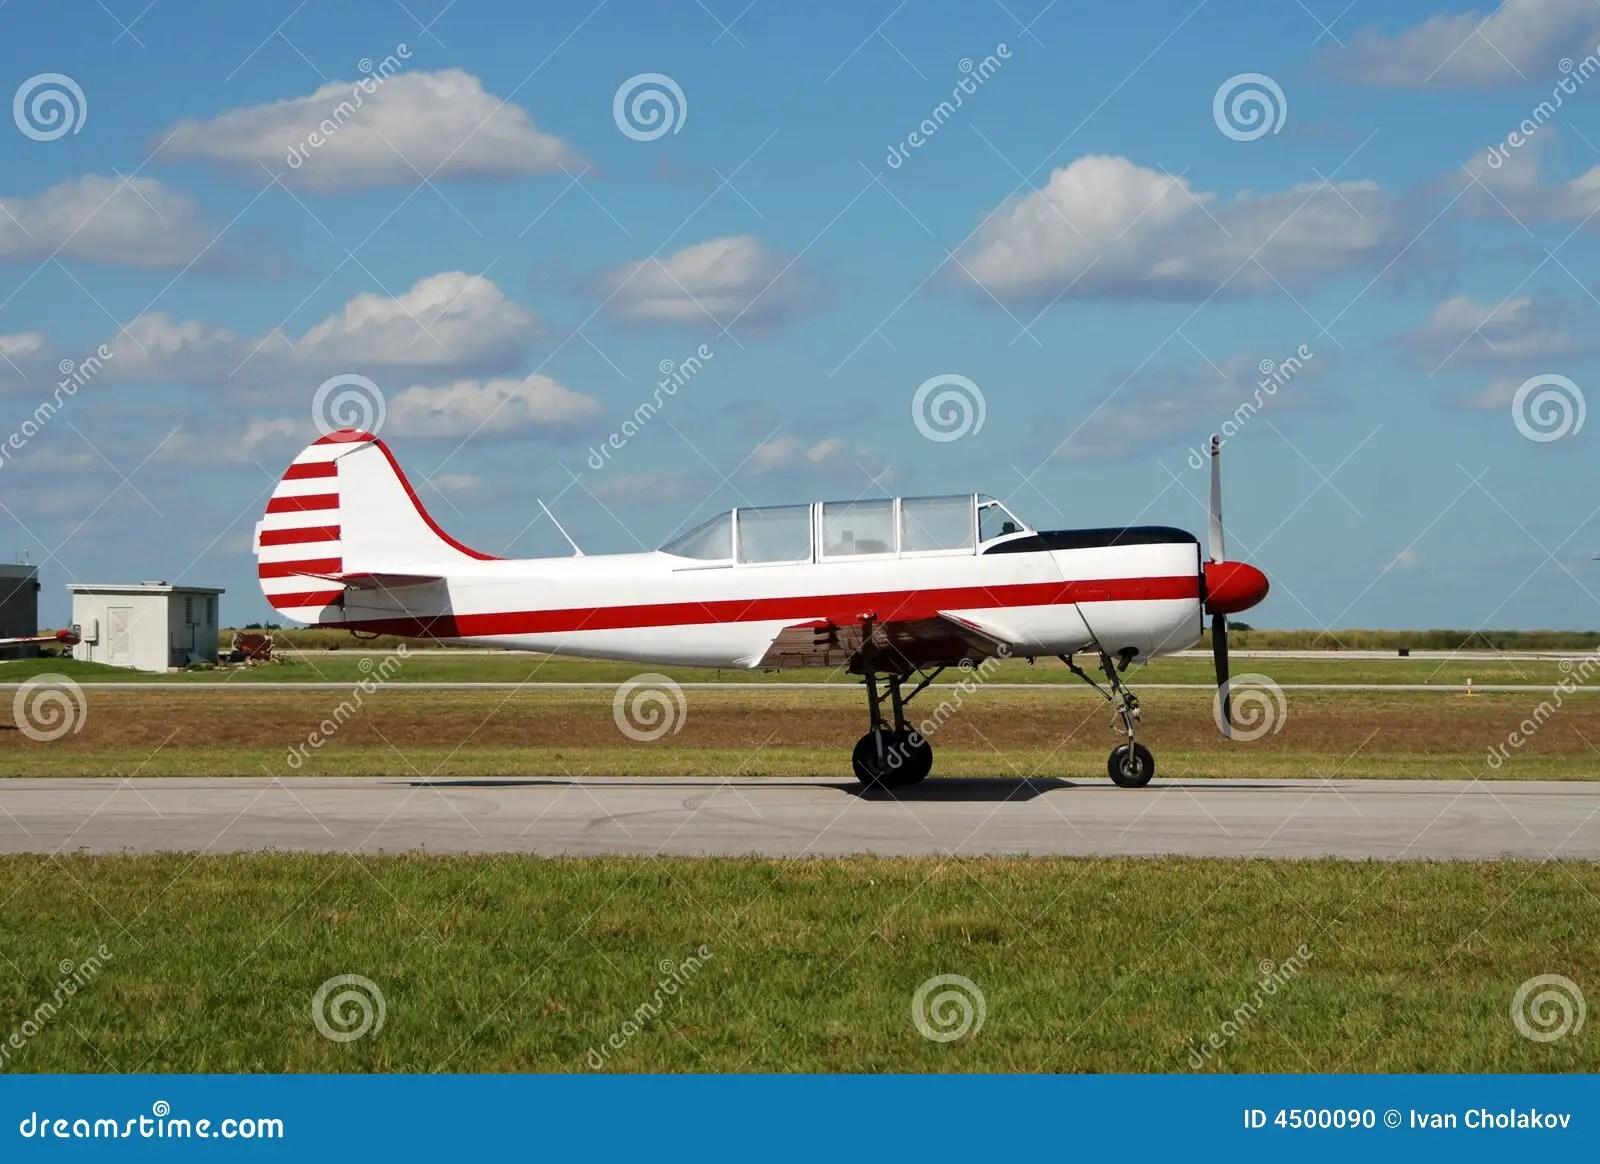 Russian Aircraft Proppeller